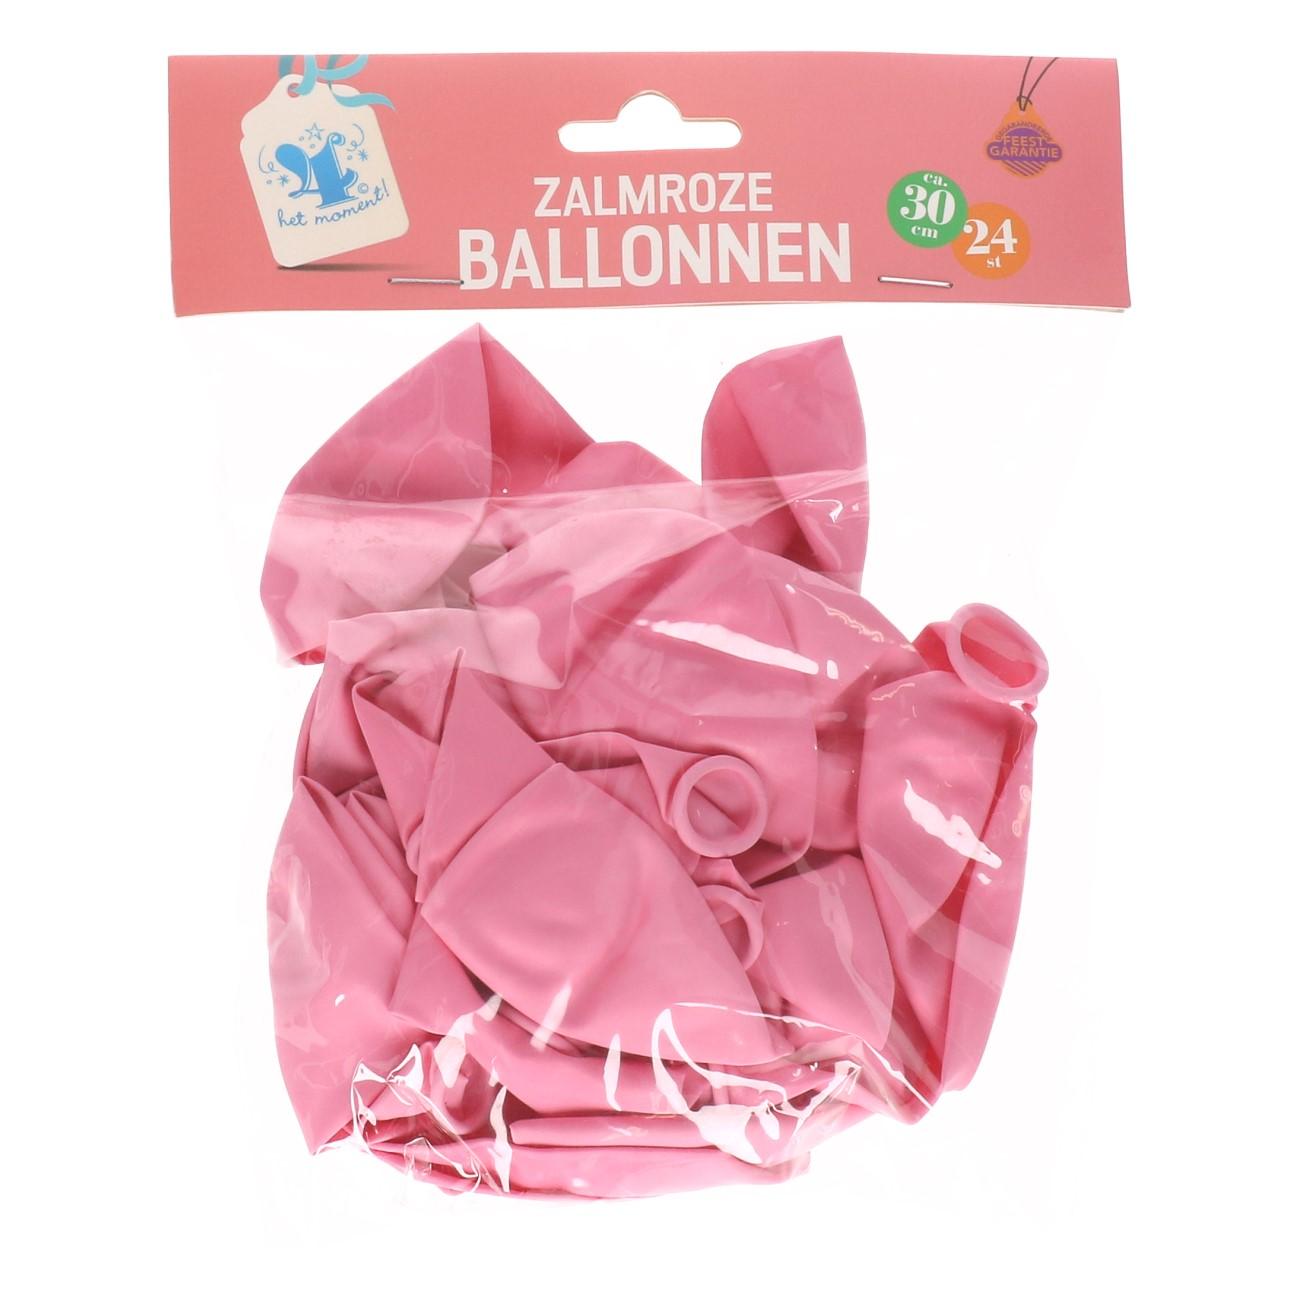 Ballonnen pastel zalmroze 24 stuks